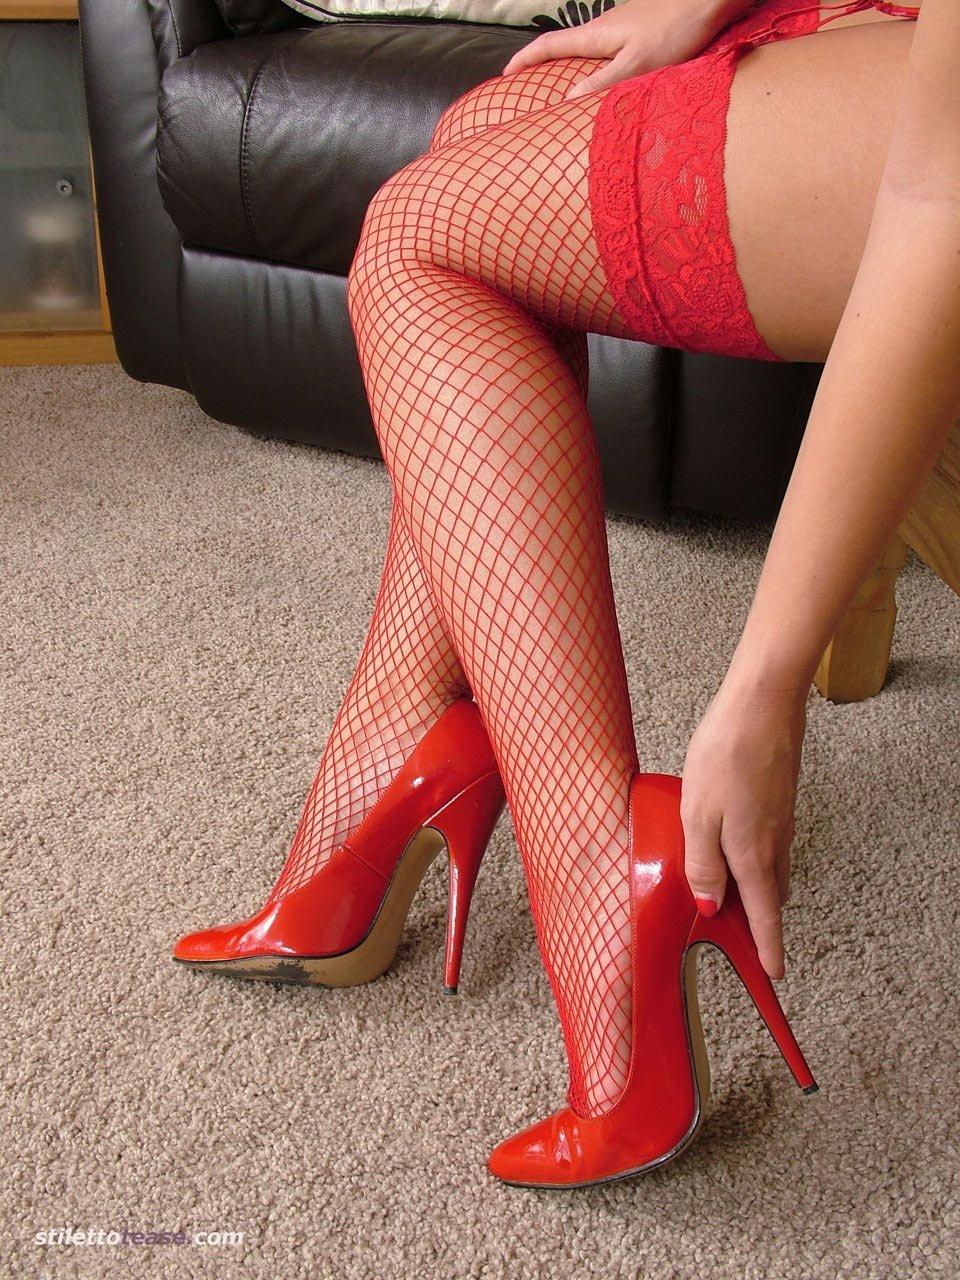 белый халатик красные чулки и туфли на шпильке фото как уговорить